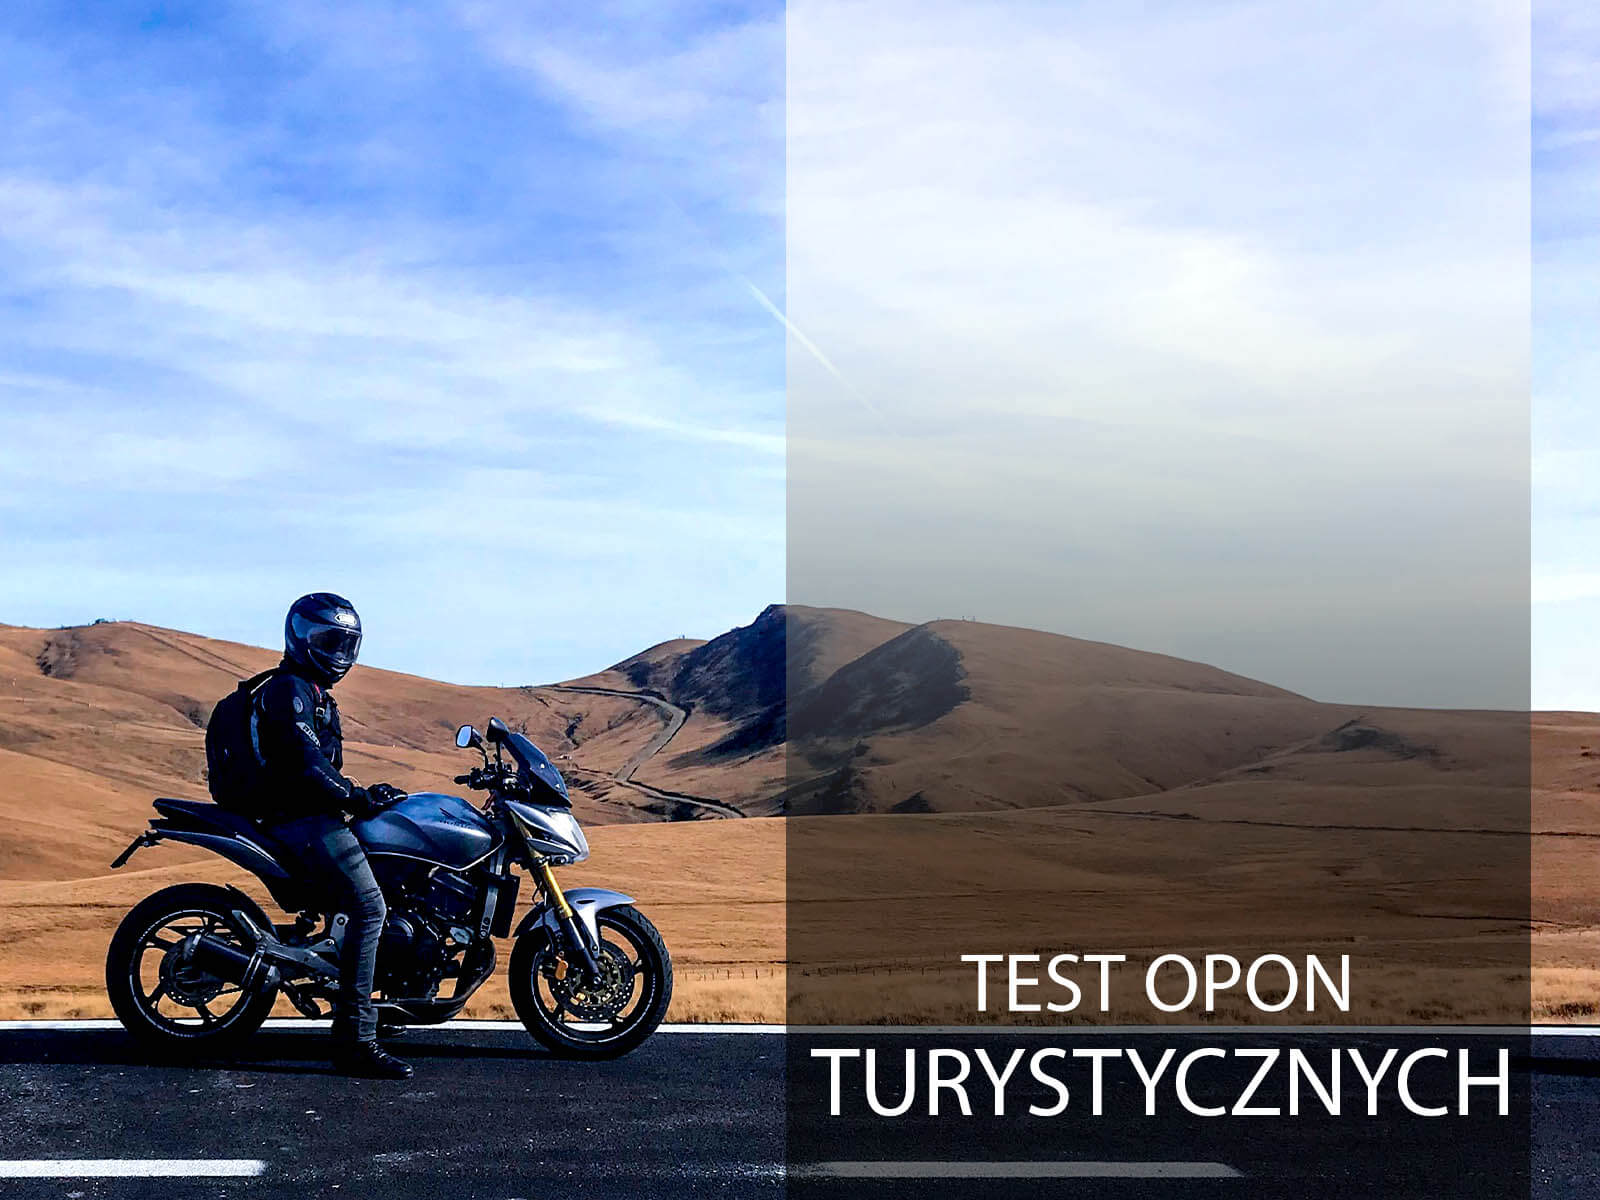 Test opon turystycznych